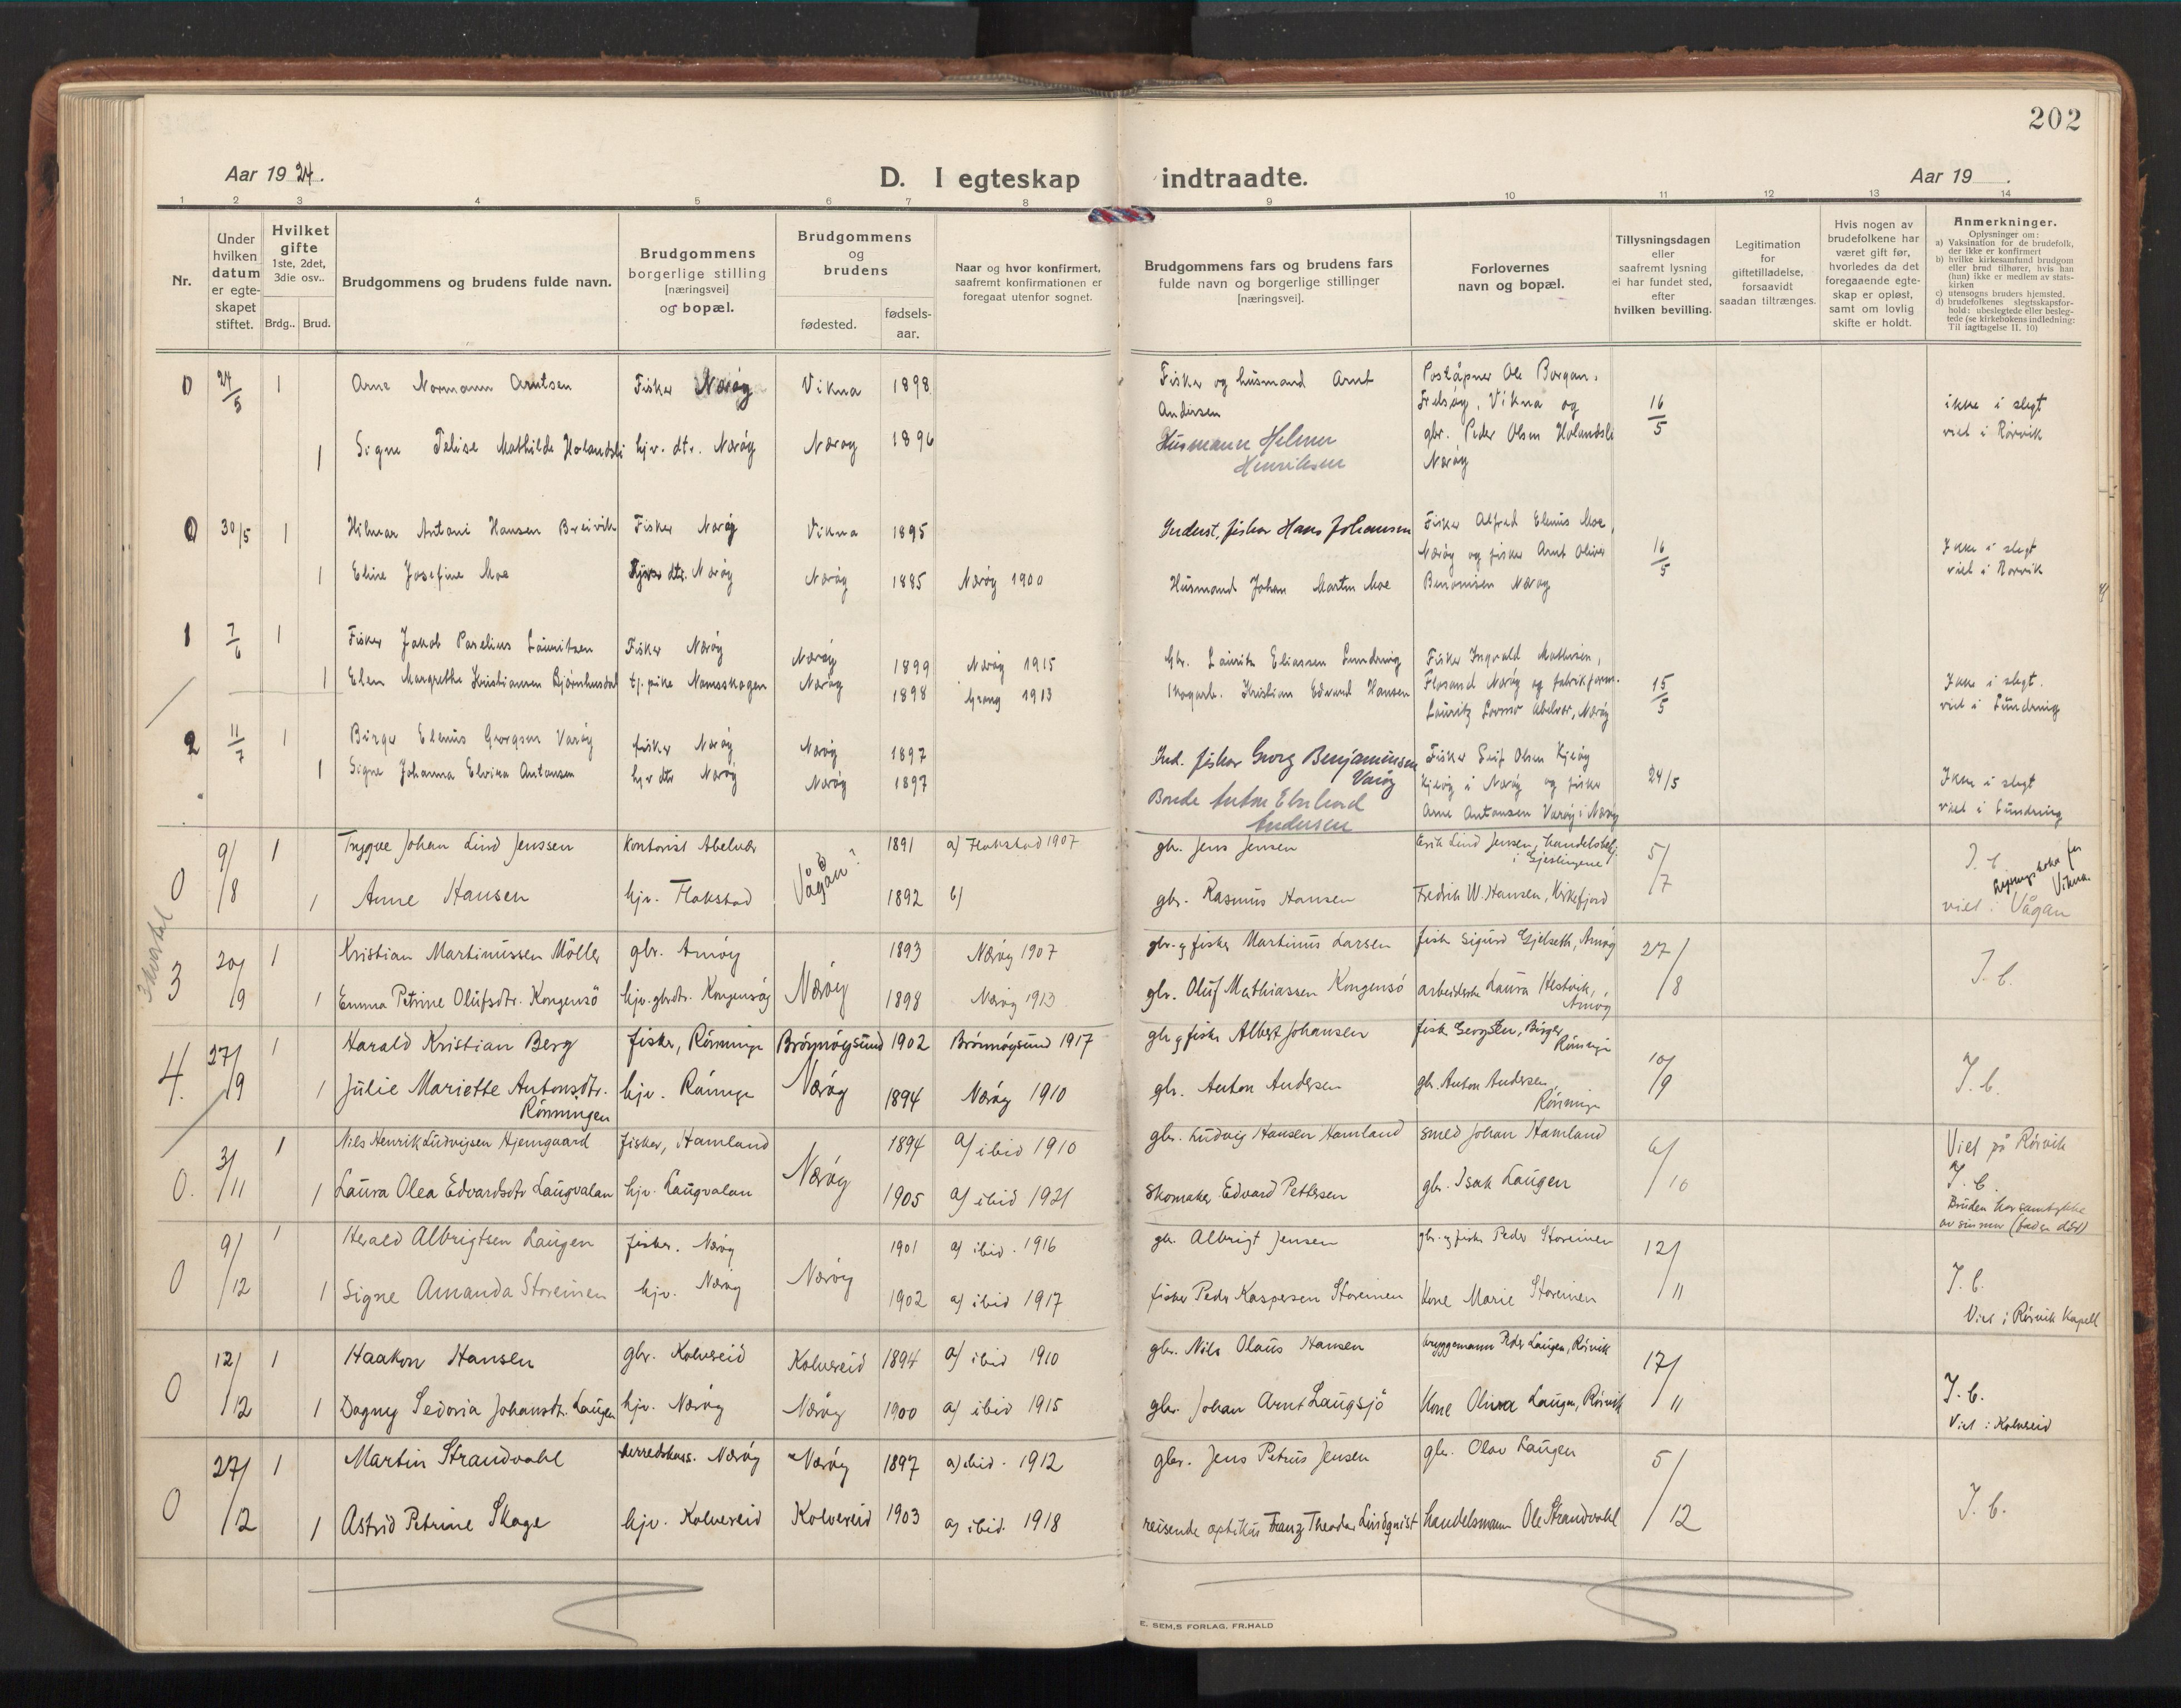 SAT, Ministerialprotokoller, klokkerbøker og fødselsregistre - Nord-Trøndelag, 784/L0678: Ministerialbok nr. 784A13, 1921-1938, s. 202